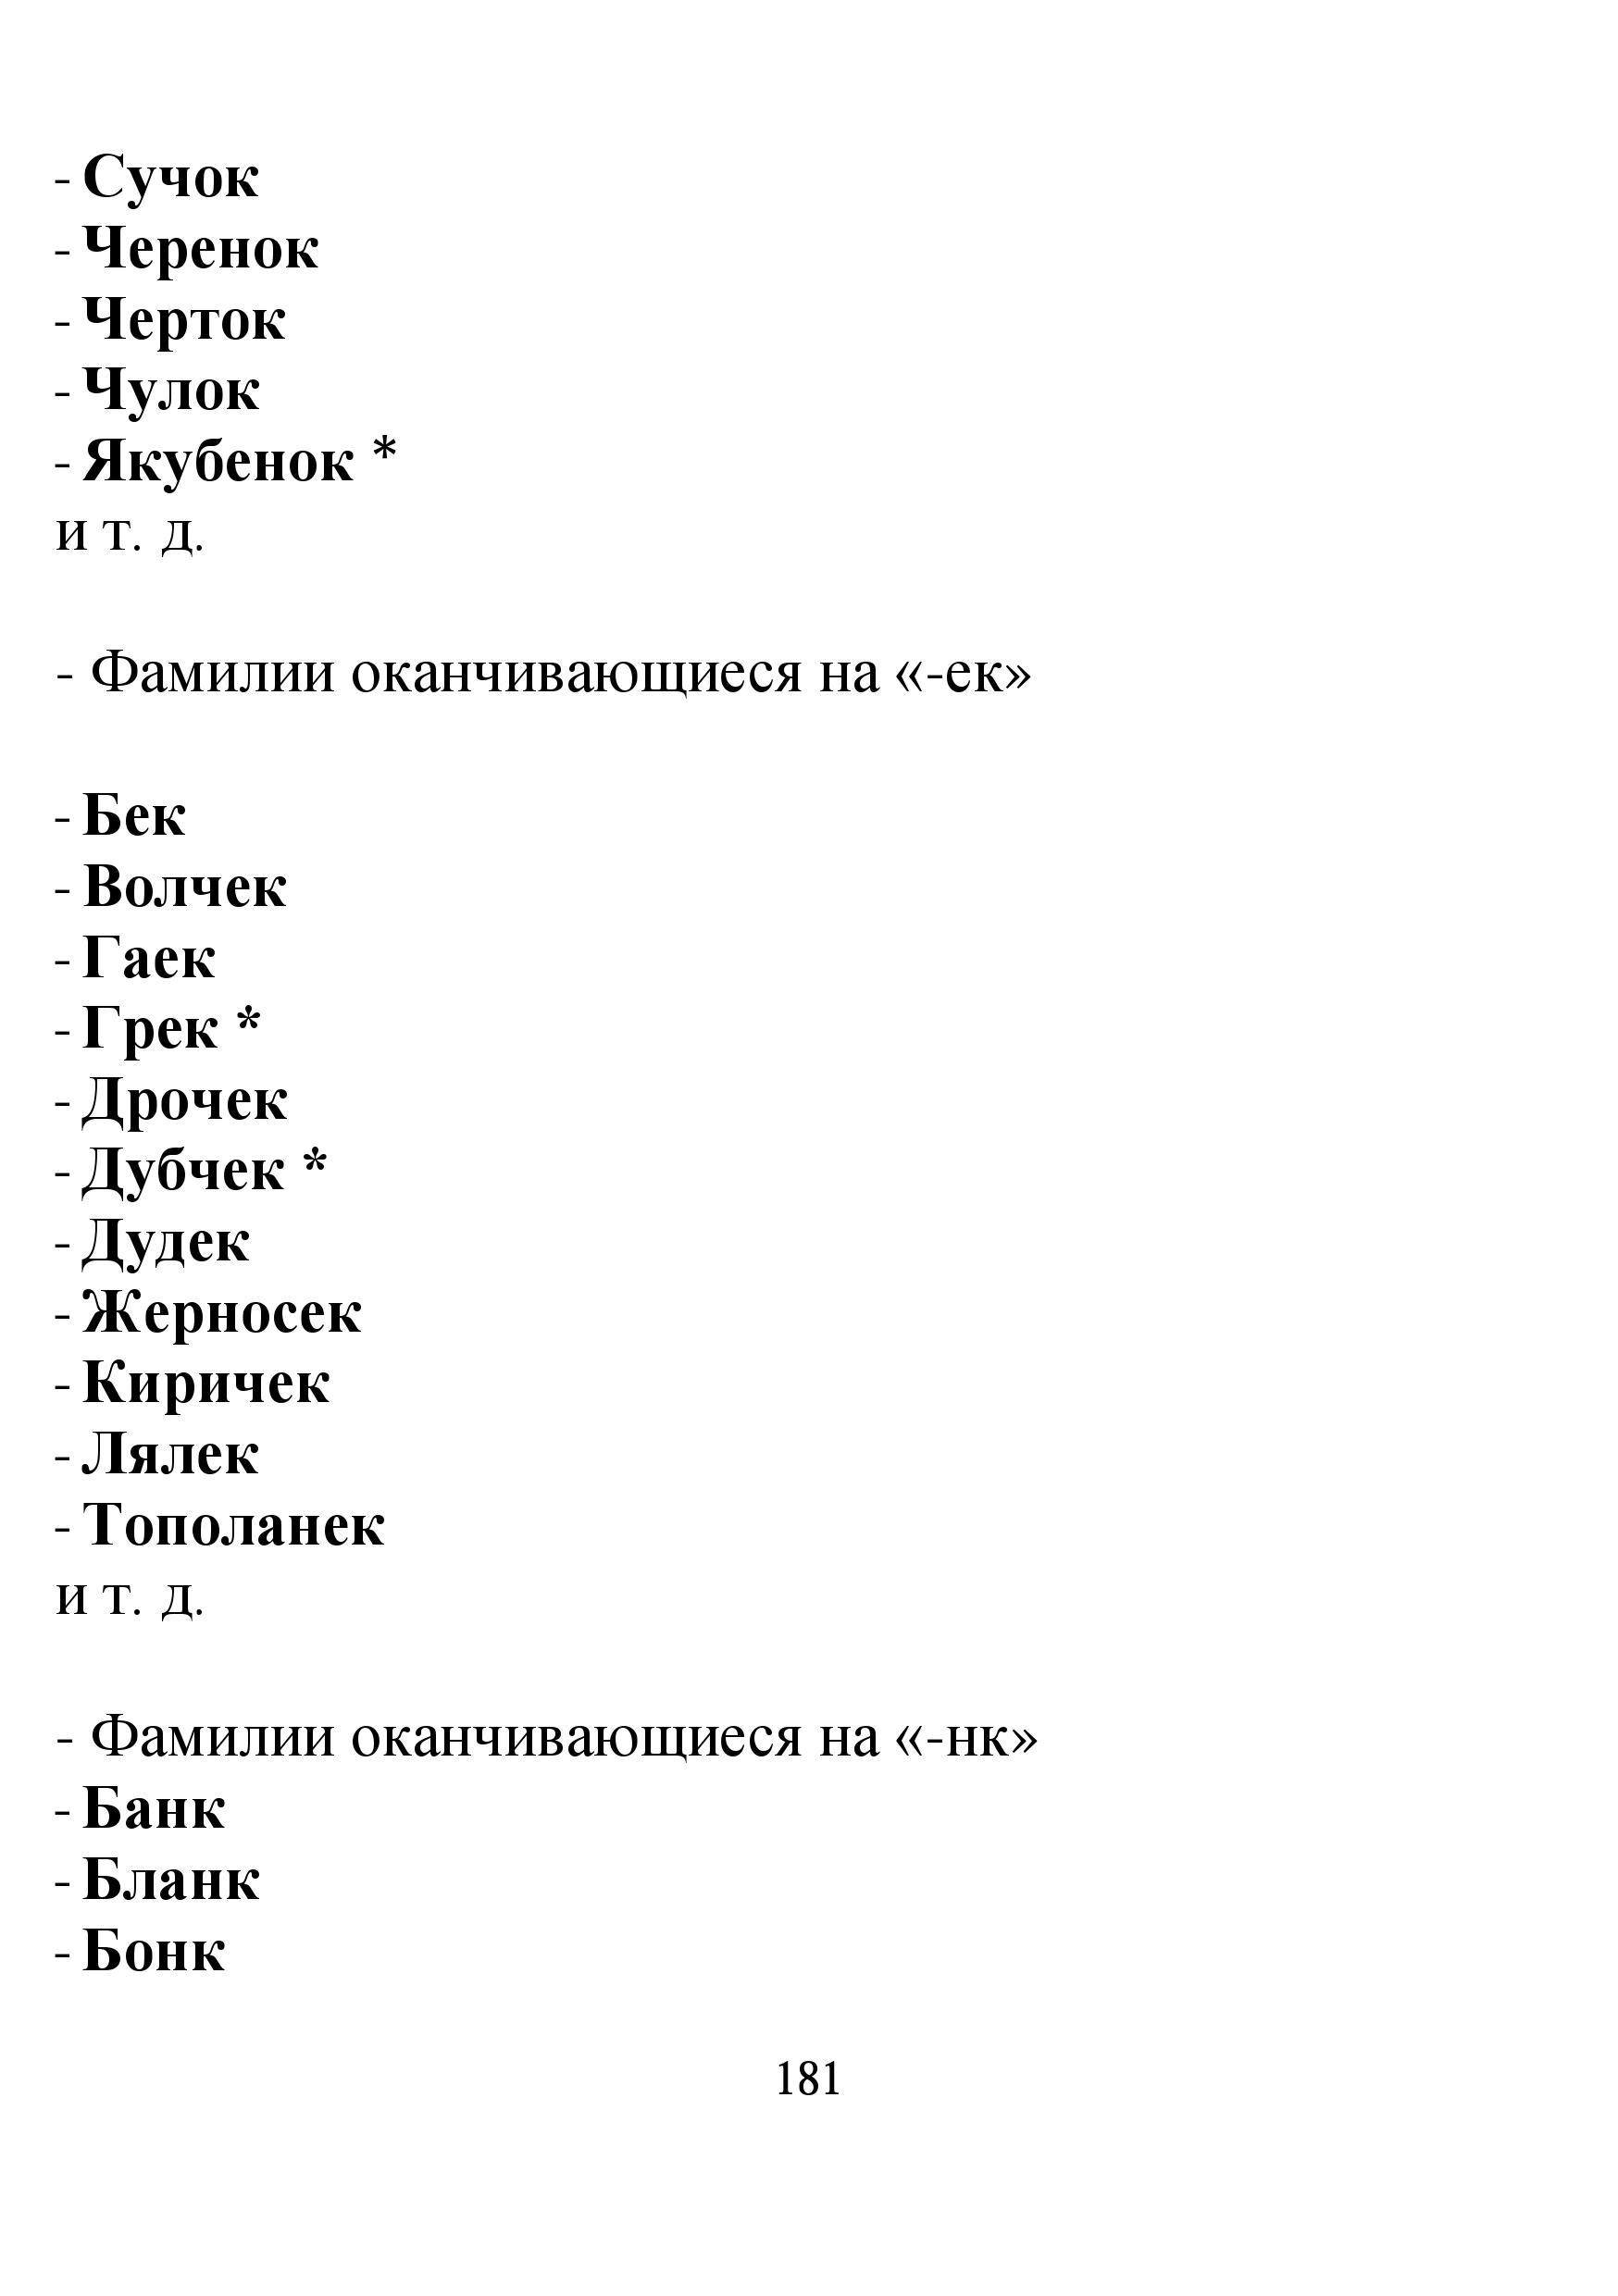 http://sf.uploads.ru/2ILwa.jpg